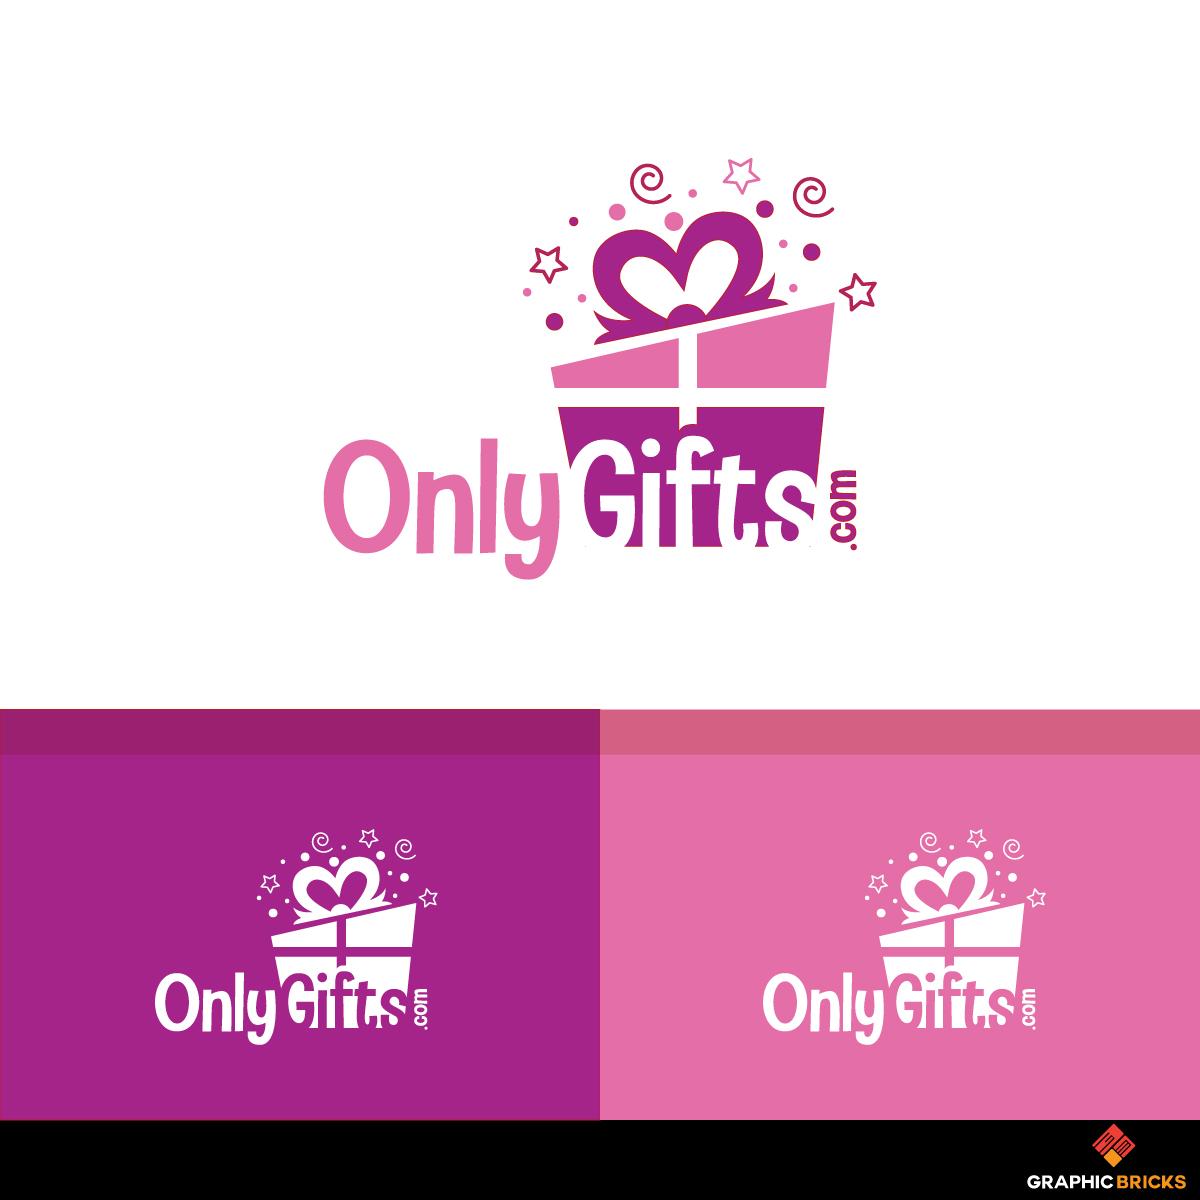 Modern Playful Gift Shop Logo Design For Onlygifts Com By Logo No 1 Design 18923738